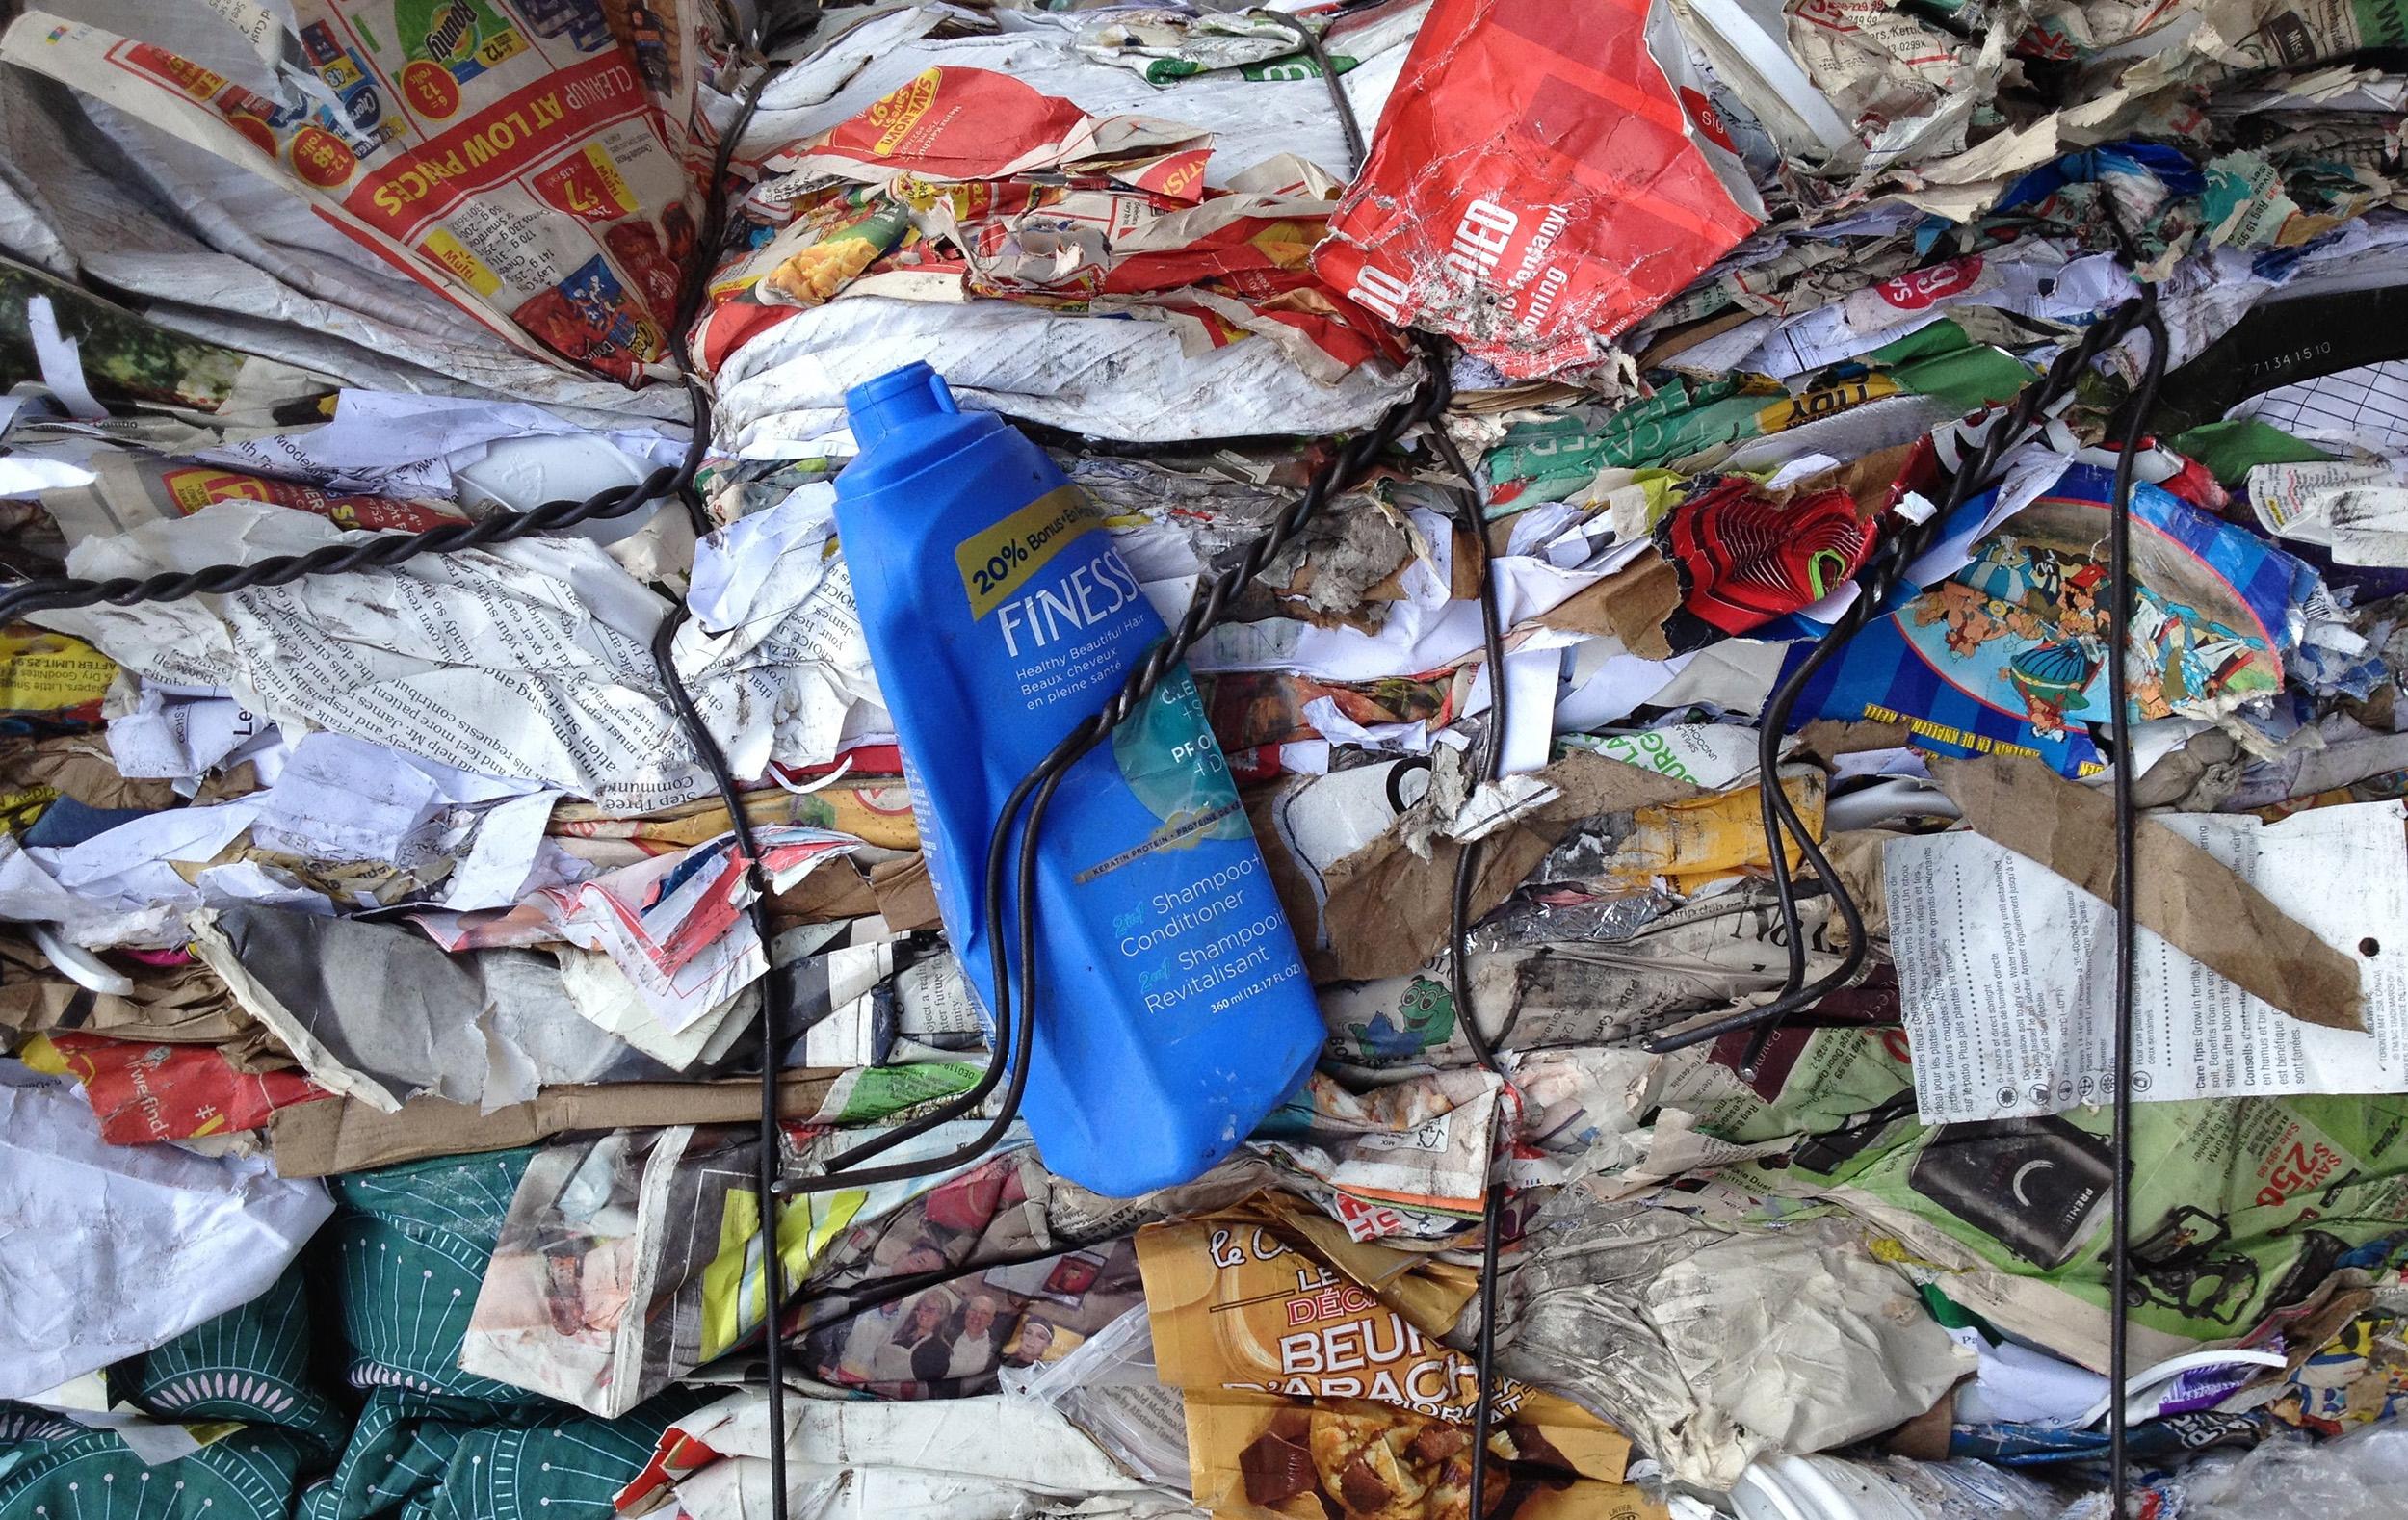 Deze 10 Dingen Recyclede Je Waarschijnlijk Fout (en Zo Moet Het Wel)